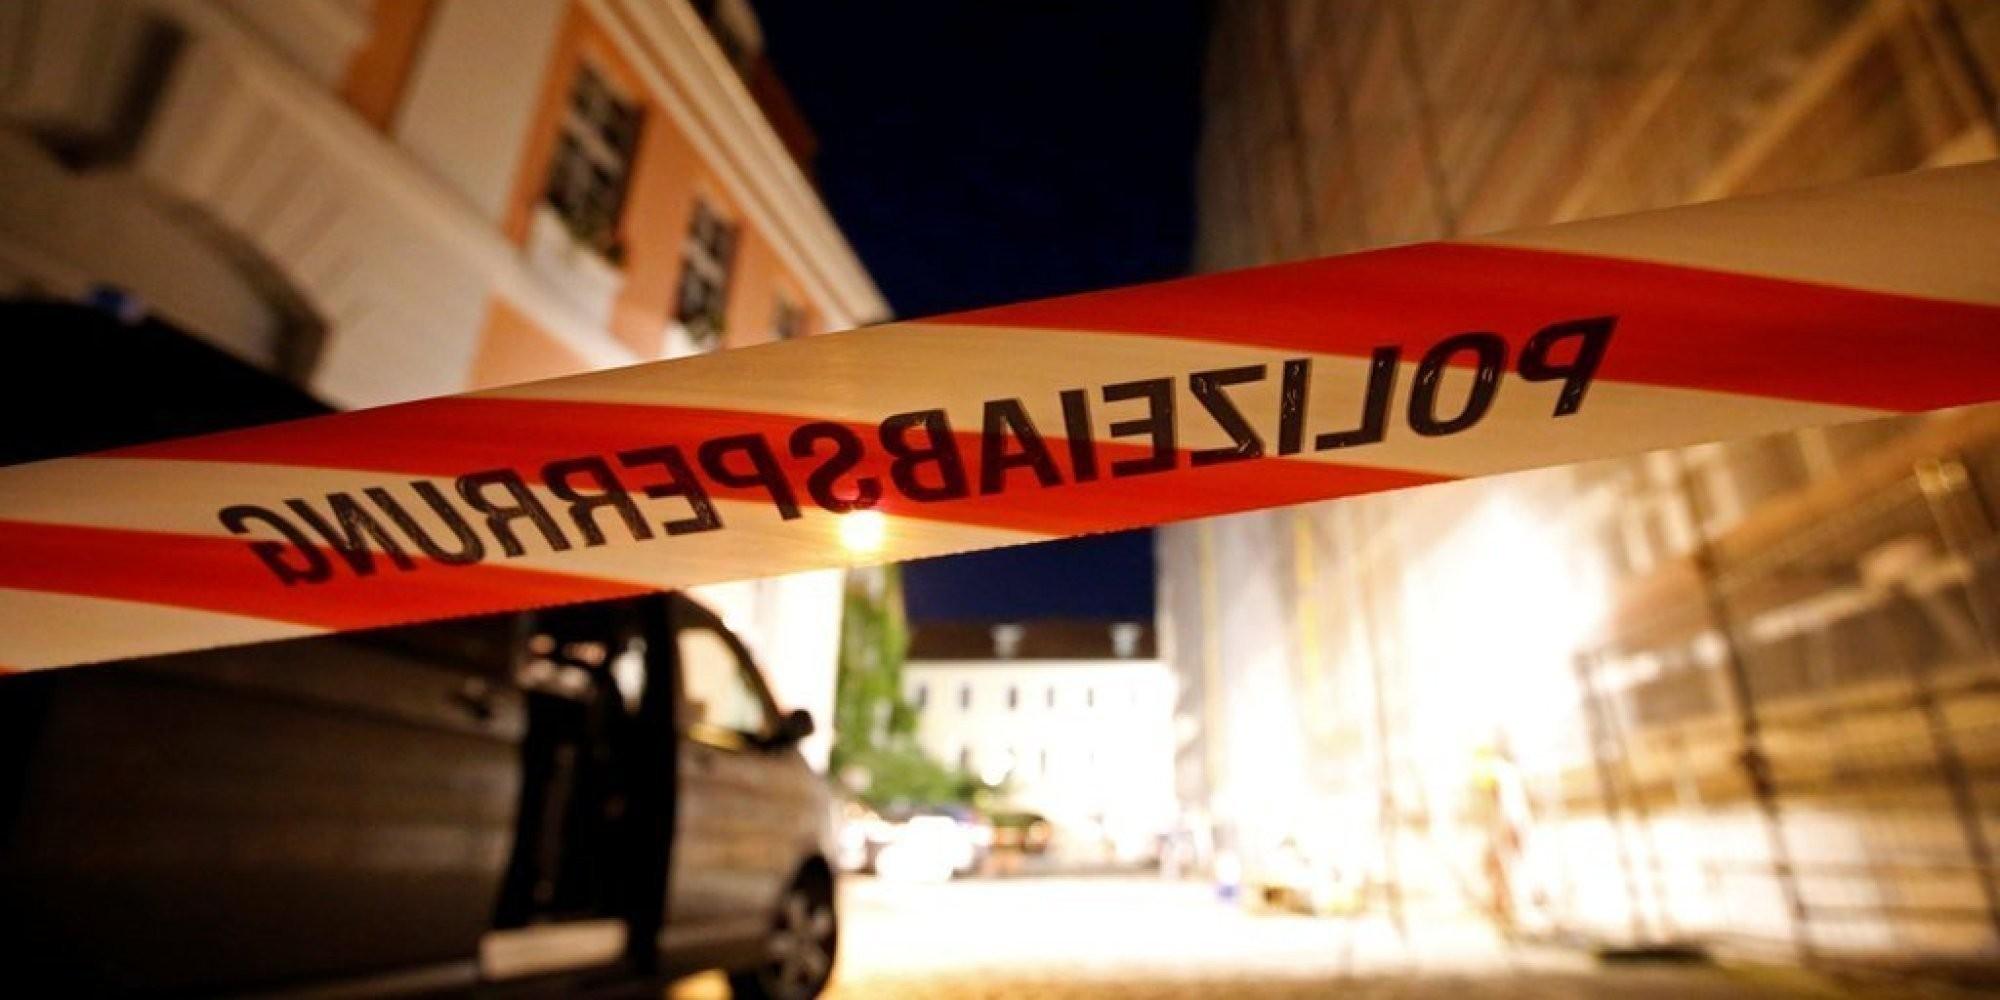 Attacco kamikaze a Ansbach, 12 feriti. Morto l'attentatore, era un siriano a cui era stata respinta la richiesta di asilo